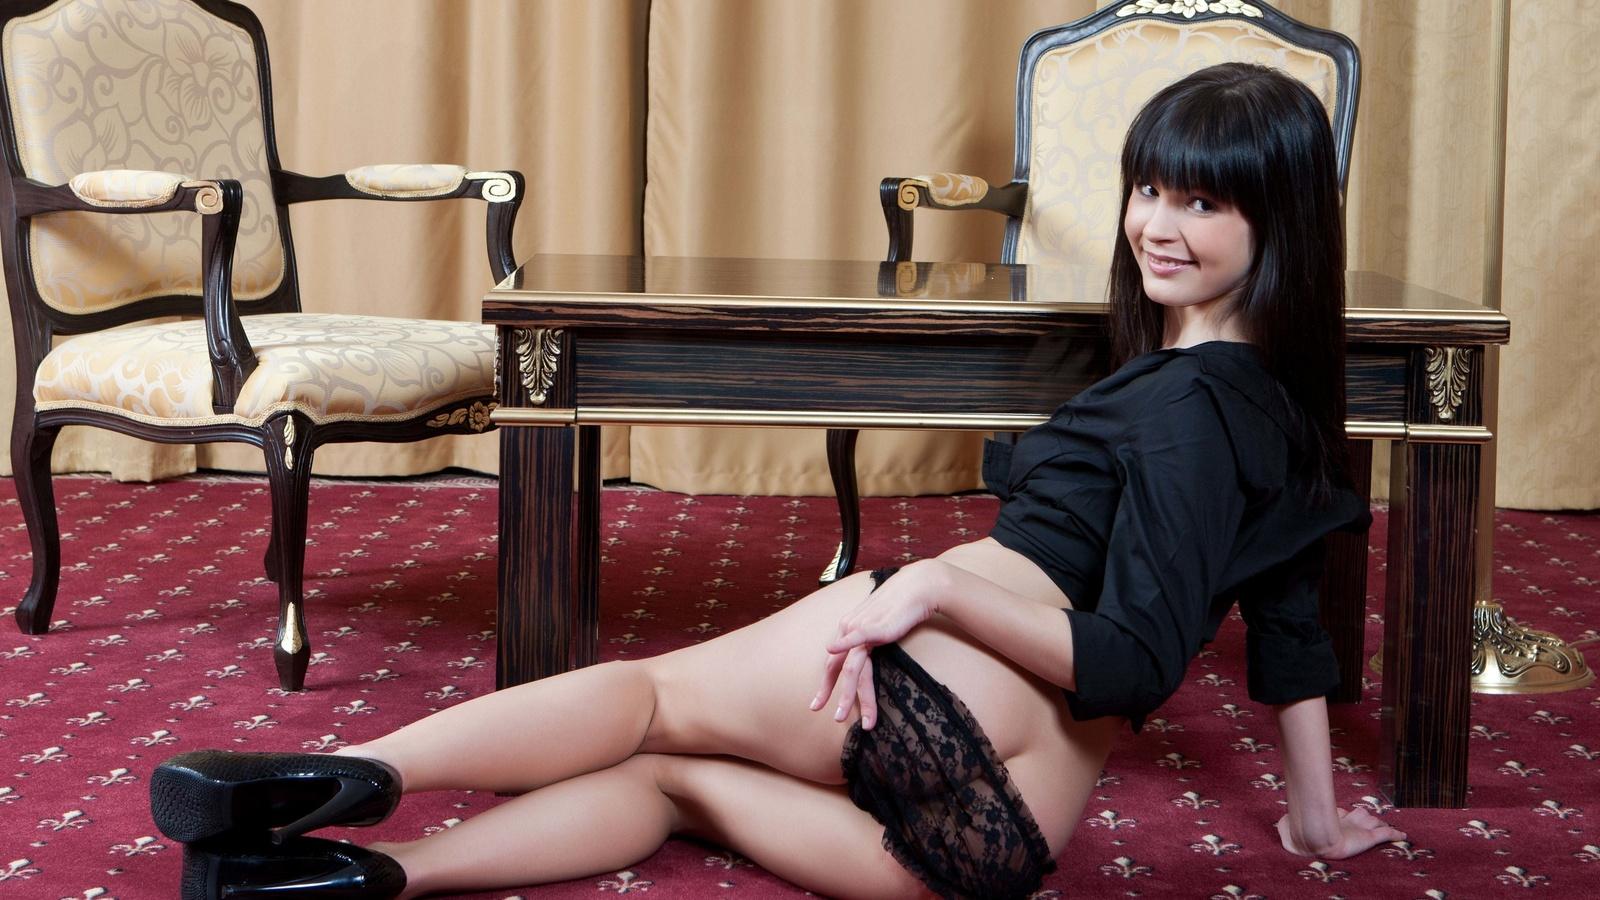 Фото брюнеток без трусиков, Домашние фото брюнетки без трусиков частное порно 24 фотография